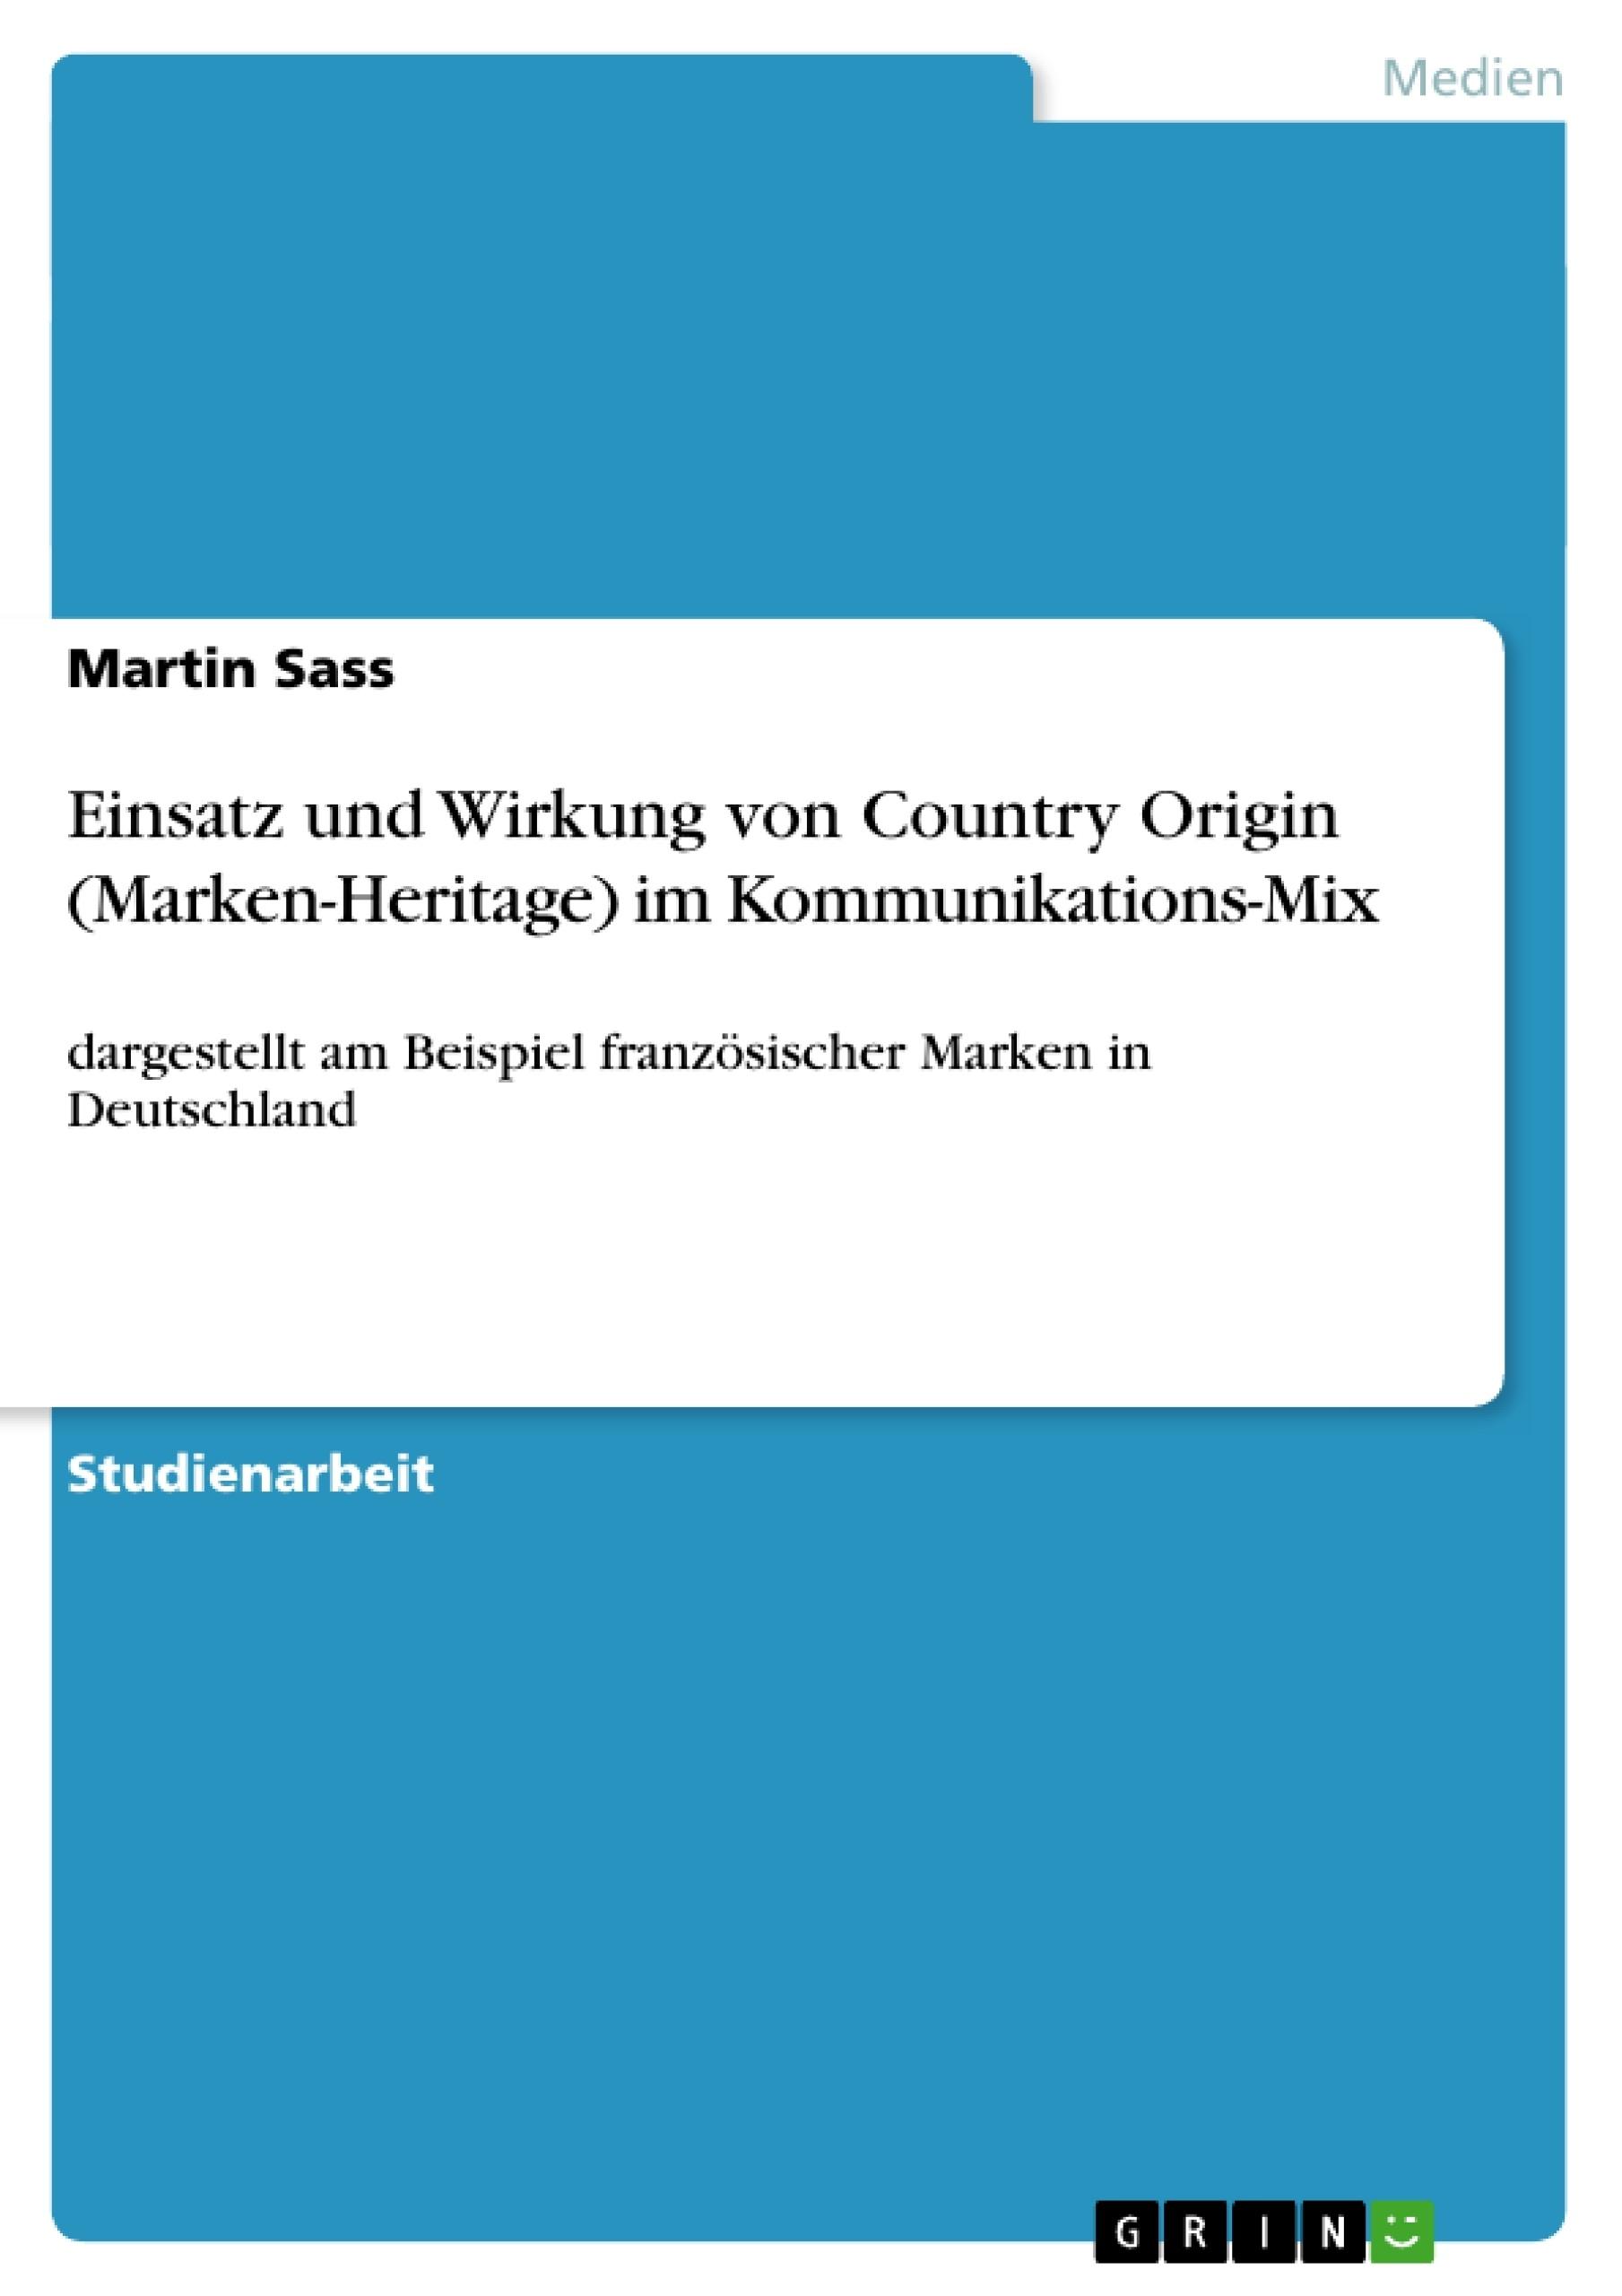 Titel: Einsatz und Wirkung von Country Origin (Marken-Heritage) im Kommunikations-Mix